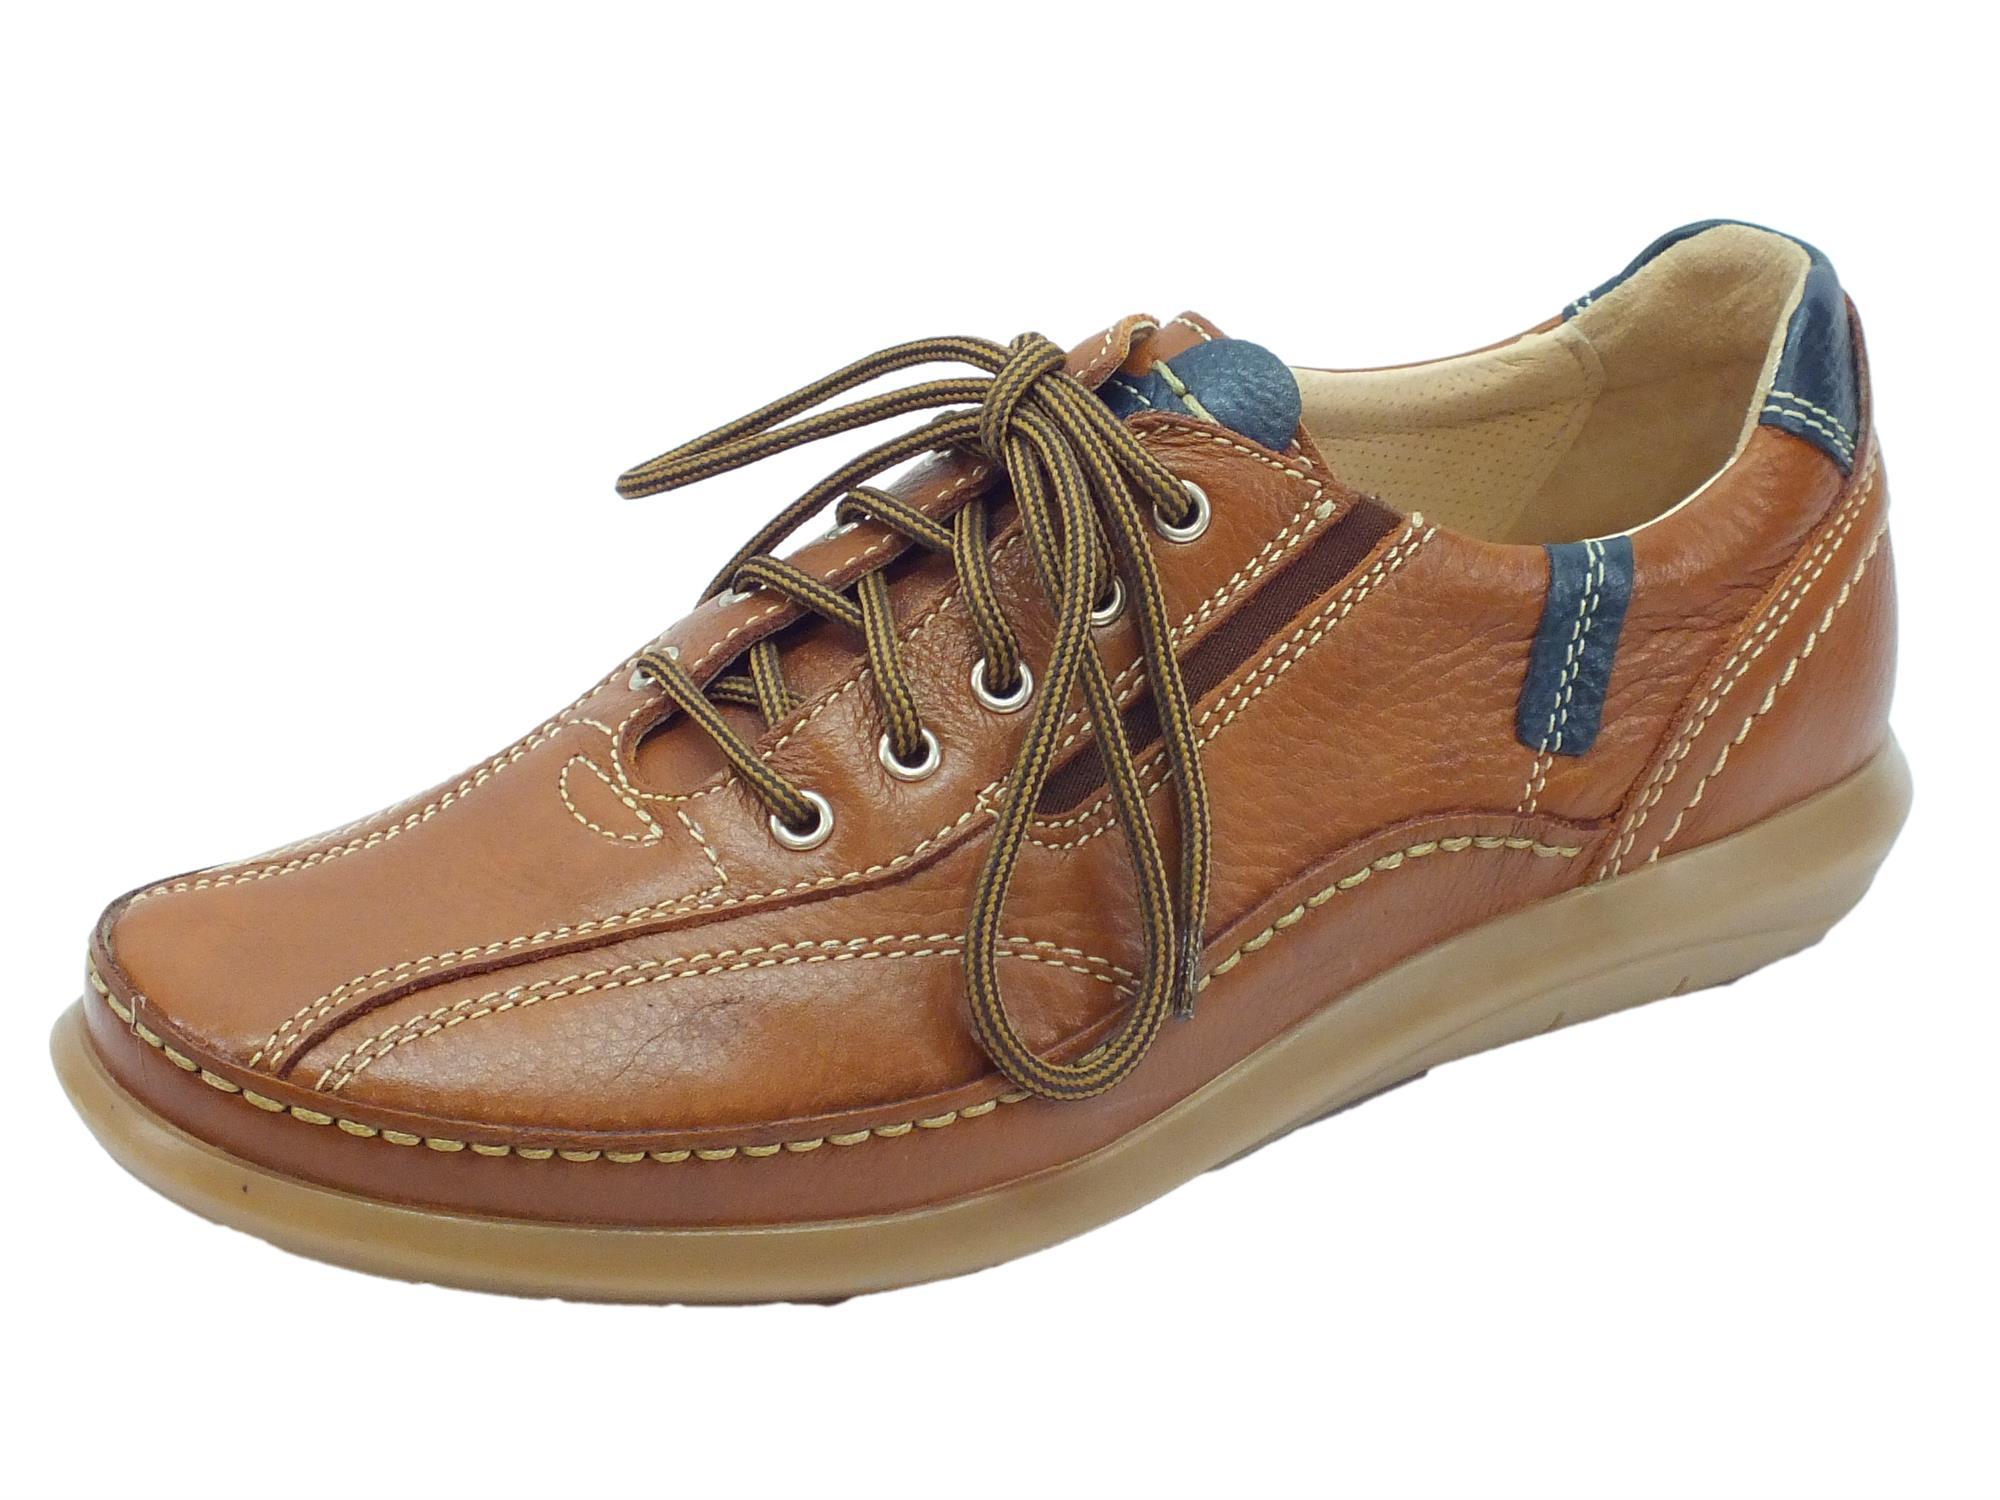 Scarpe Zen uomo pelle noce lacci ed elastici - Vitiello Calzature ad02099122a